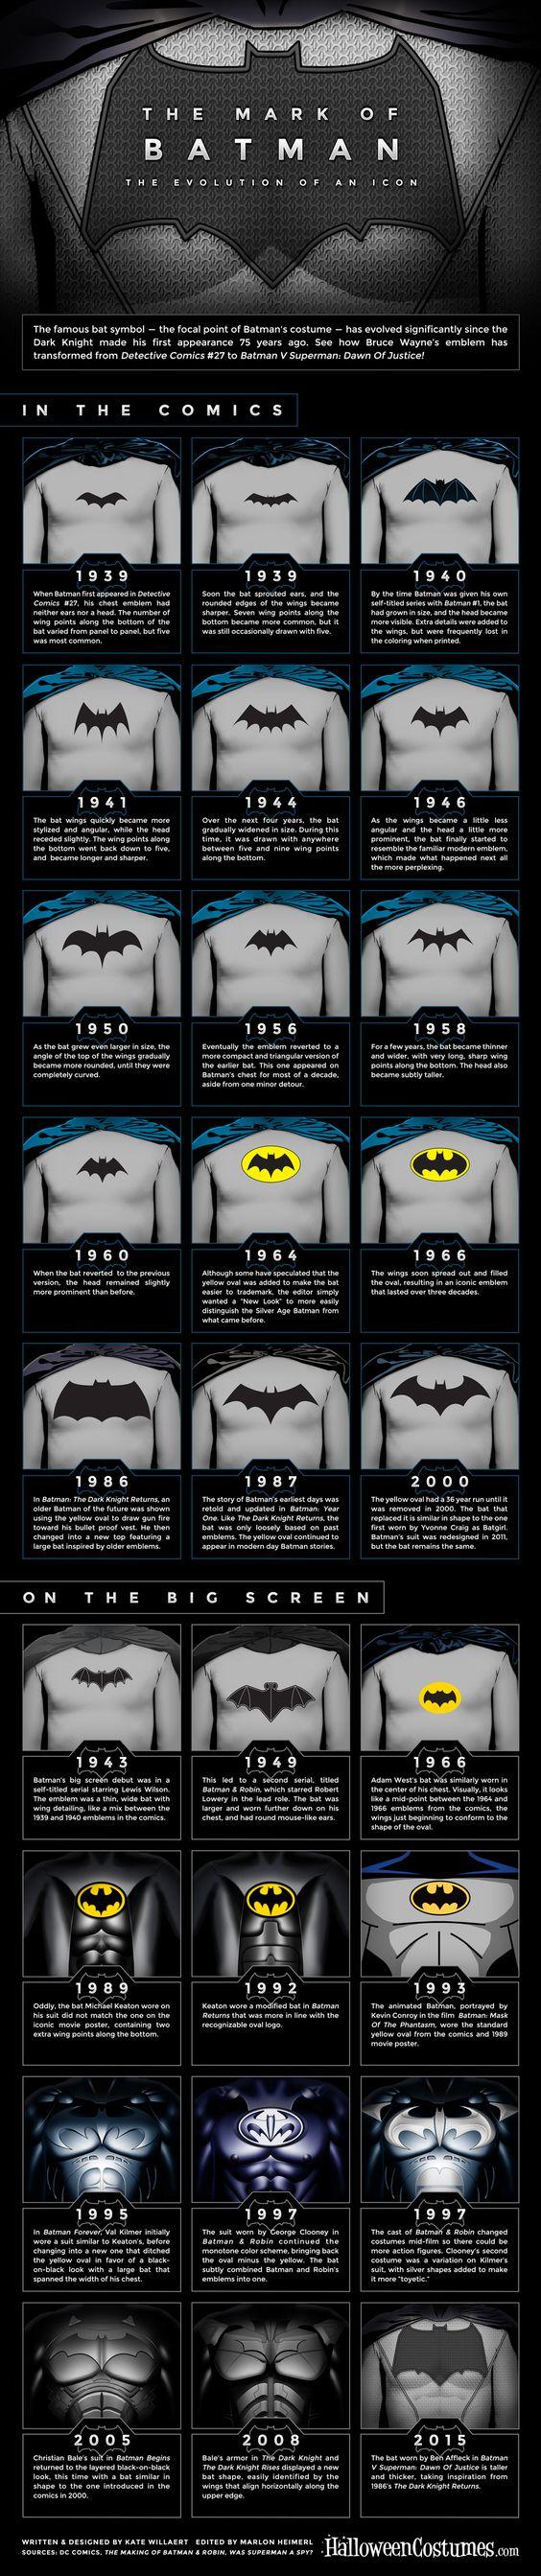 Infografía conm la evolución de Batman http://www.cinemascomics.com/2014/07/23/noticias/noticias-de-comics/42509